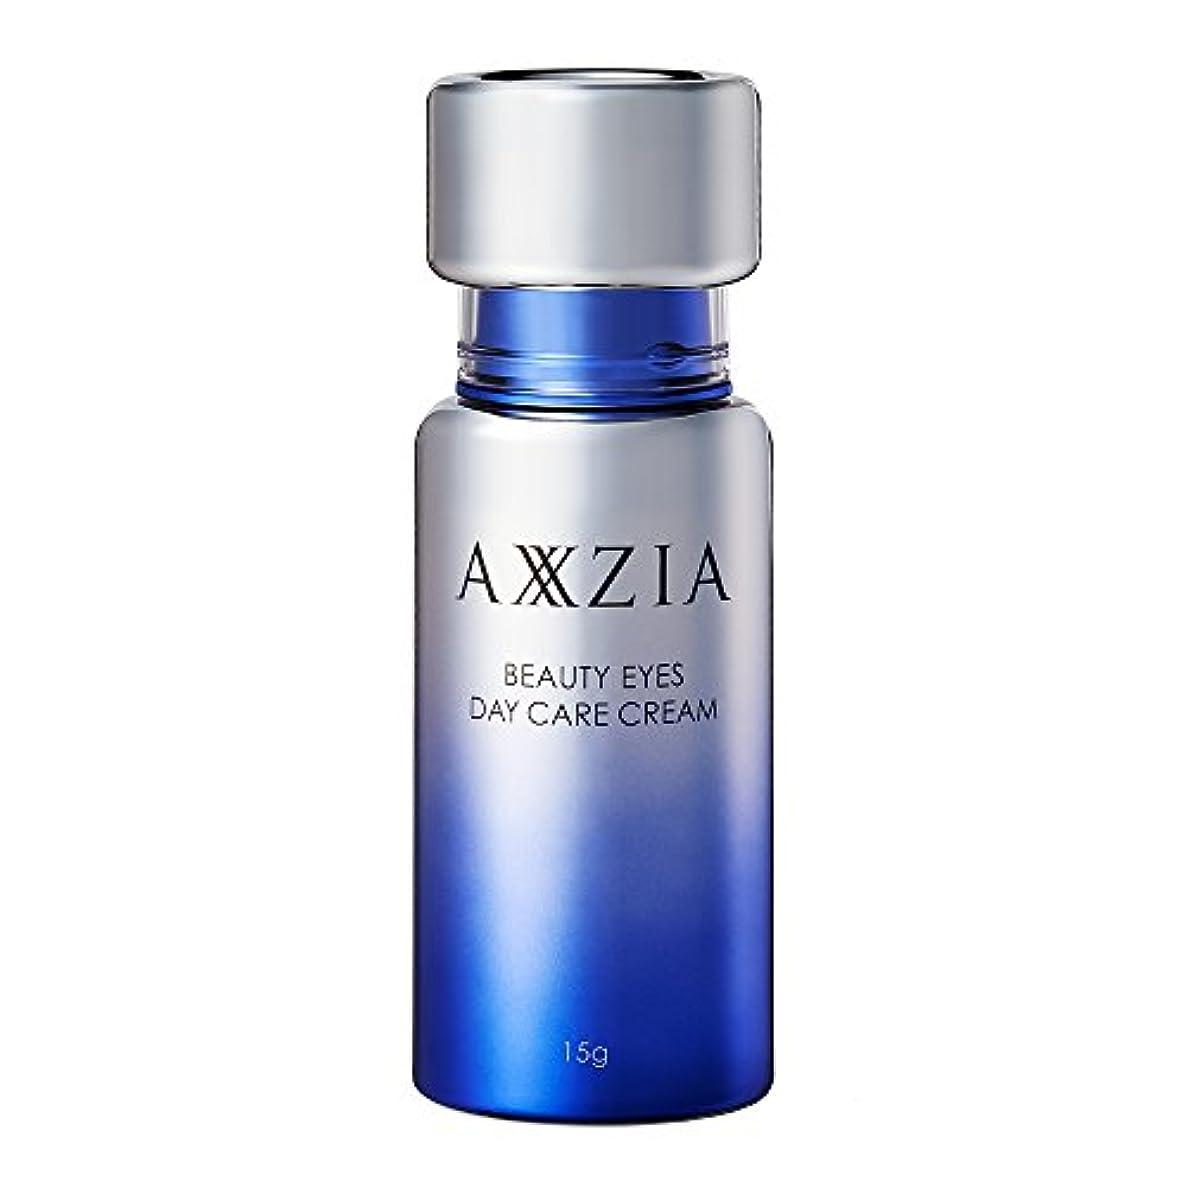 不条理溶岩会計士アクシージア (AXXZIA) ビューティアイズ デイ ケア クリーム 15g | アイクリーム 目の下のたるみ 化粧品 解消 目元のたるみ